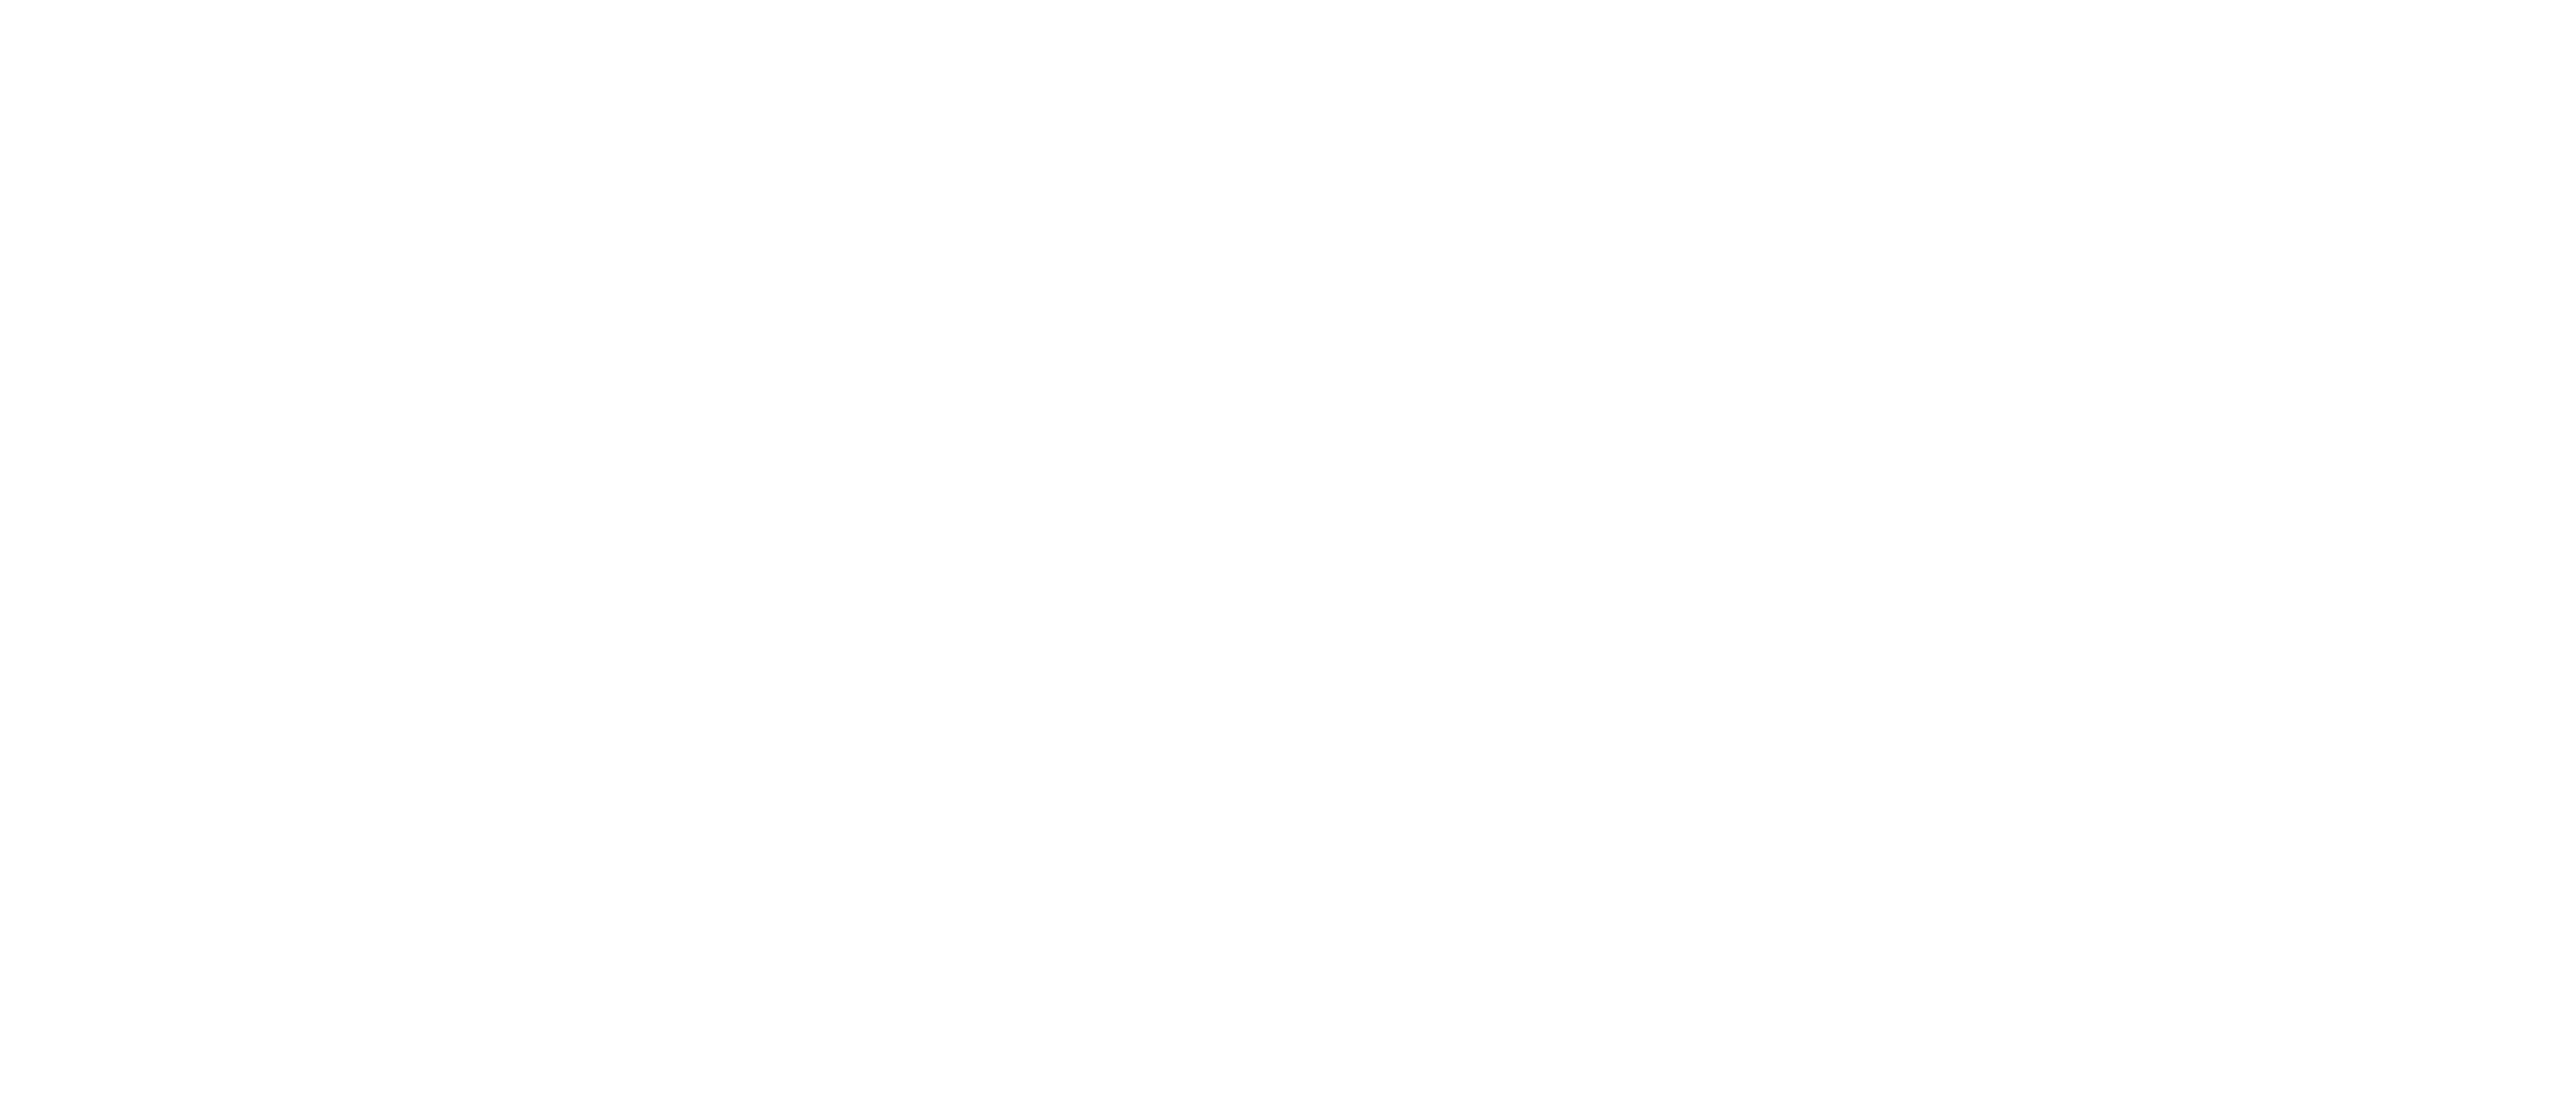 JJMedia